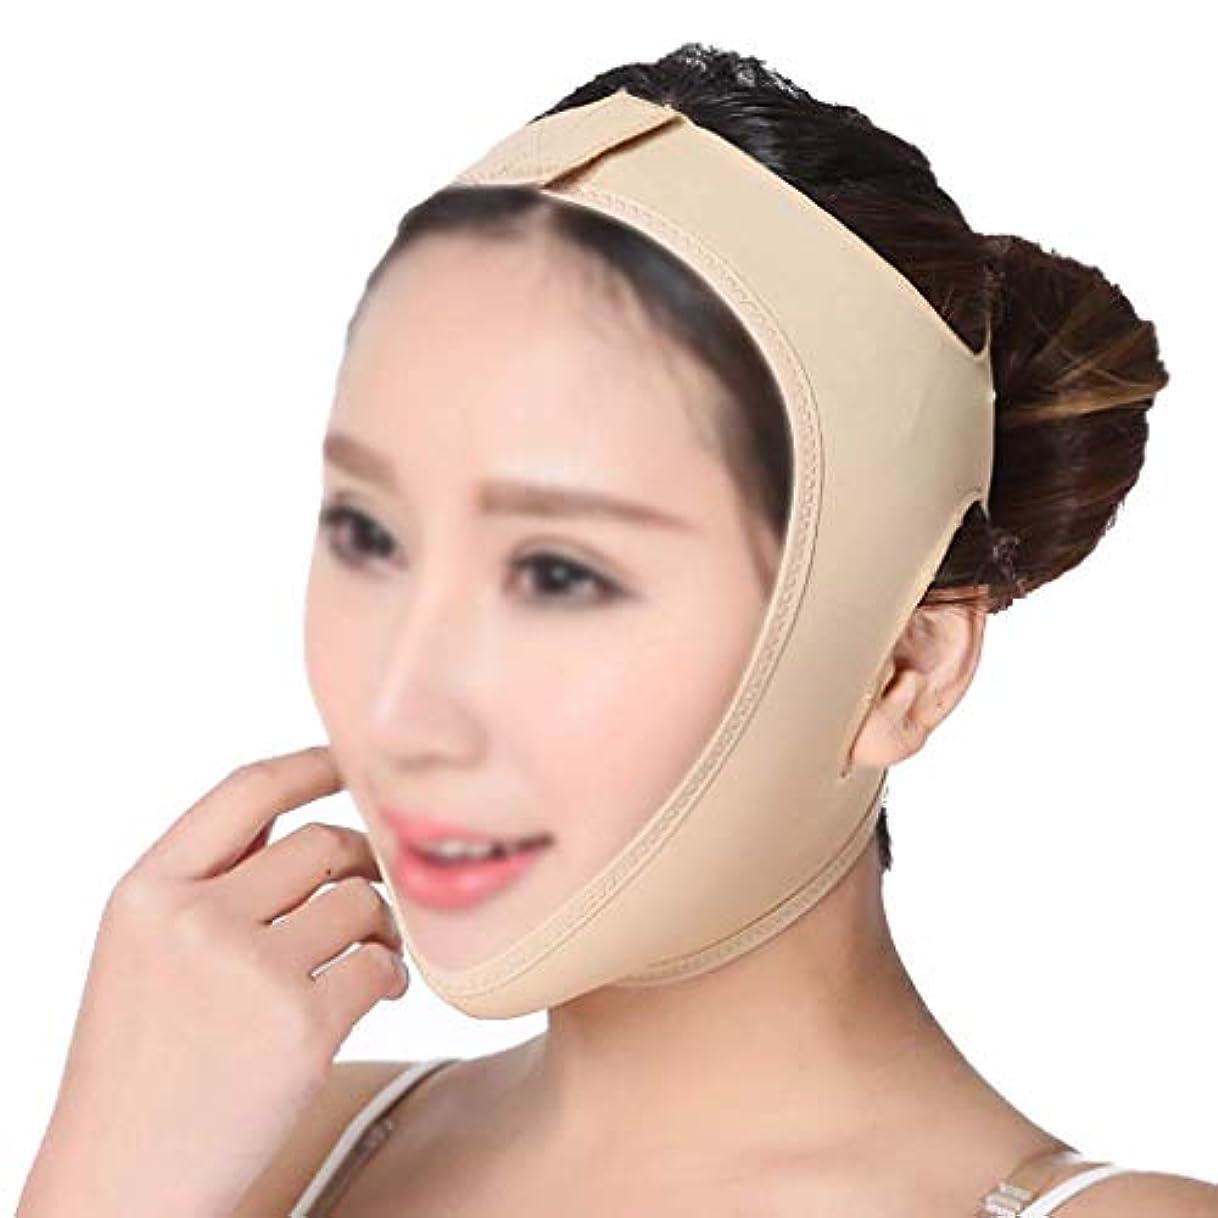 荒らす病んでいるミッションフェイスリフティングマスク、リフティングチン、フェイシャルスキン、頬垂れ防止、快適で 生地、詰まることを拒否、着用が簡単(サイズ:M),M